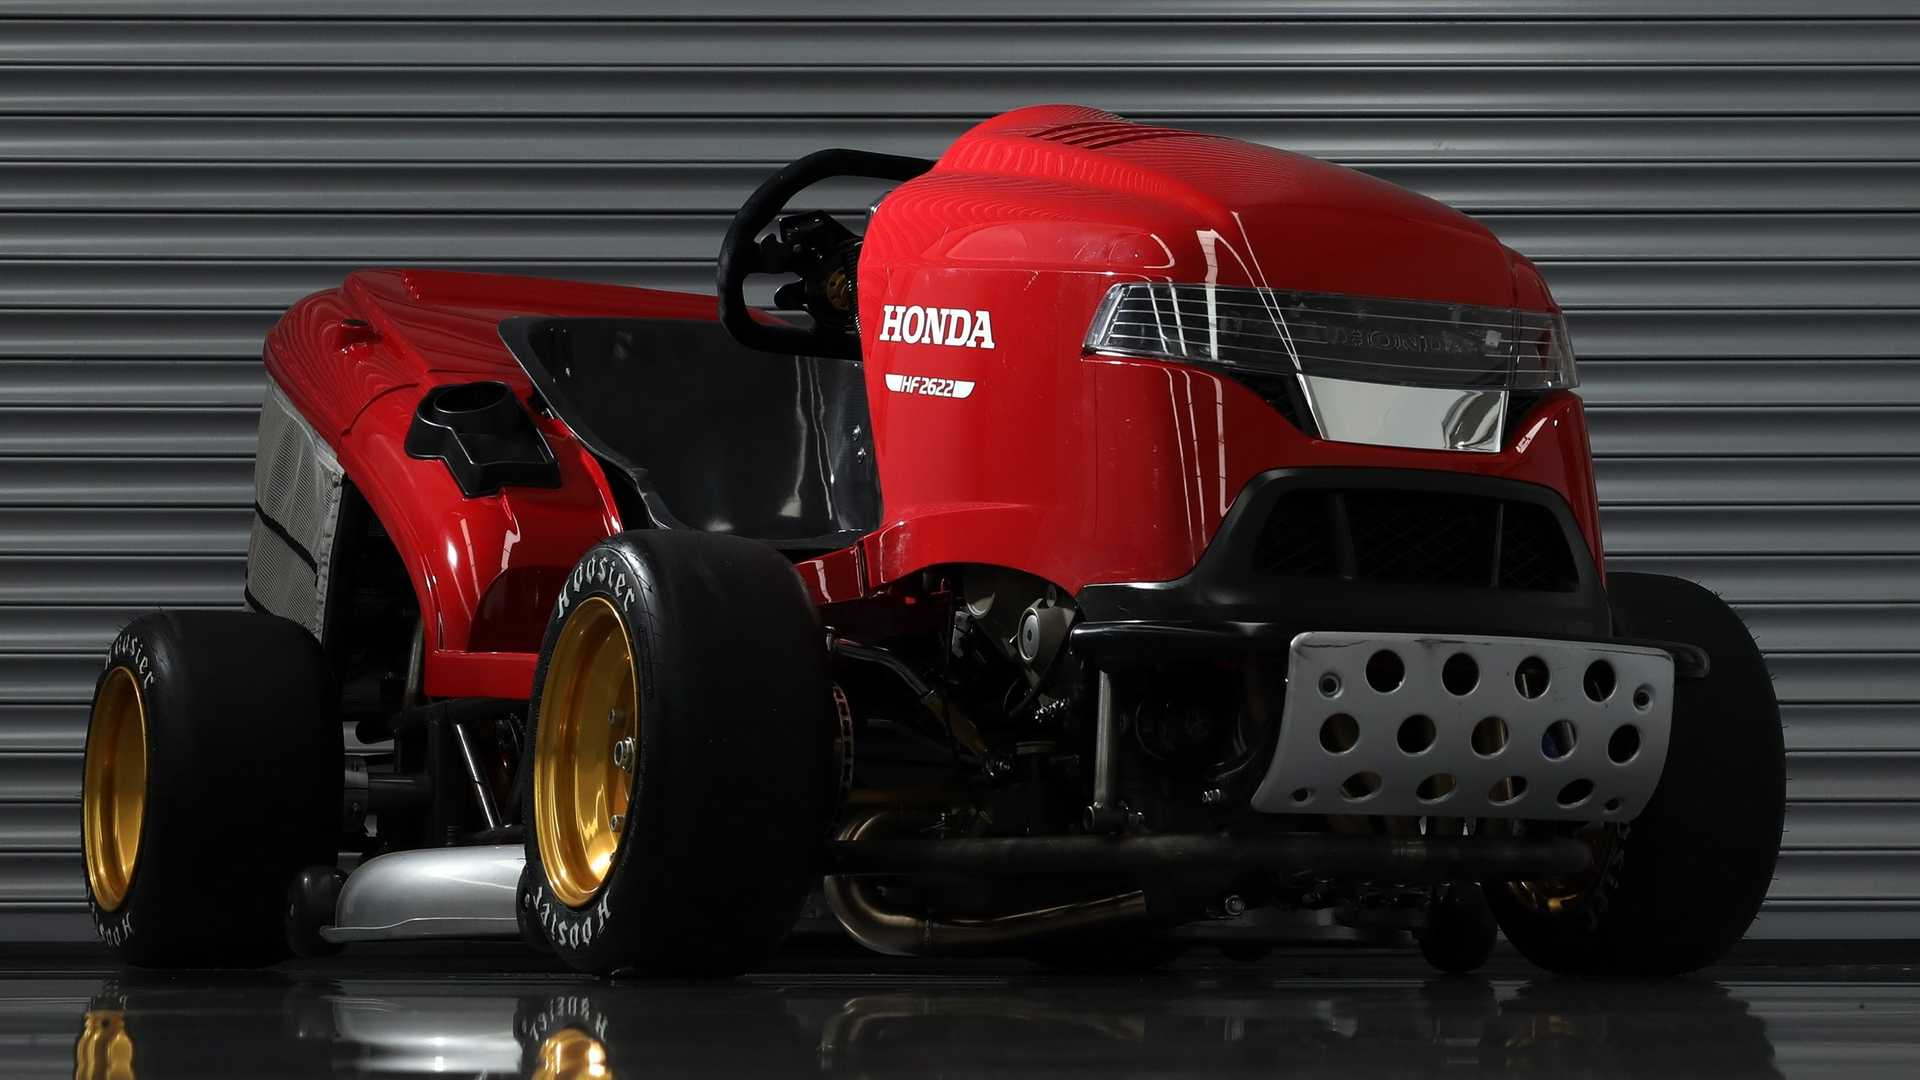 Газонокосилка Mean Mower V2 японского производителя «Хонда» установила новый рекорд Гиннесса по разгону - до 161 км/ч